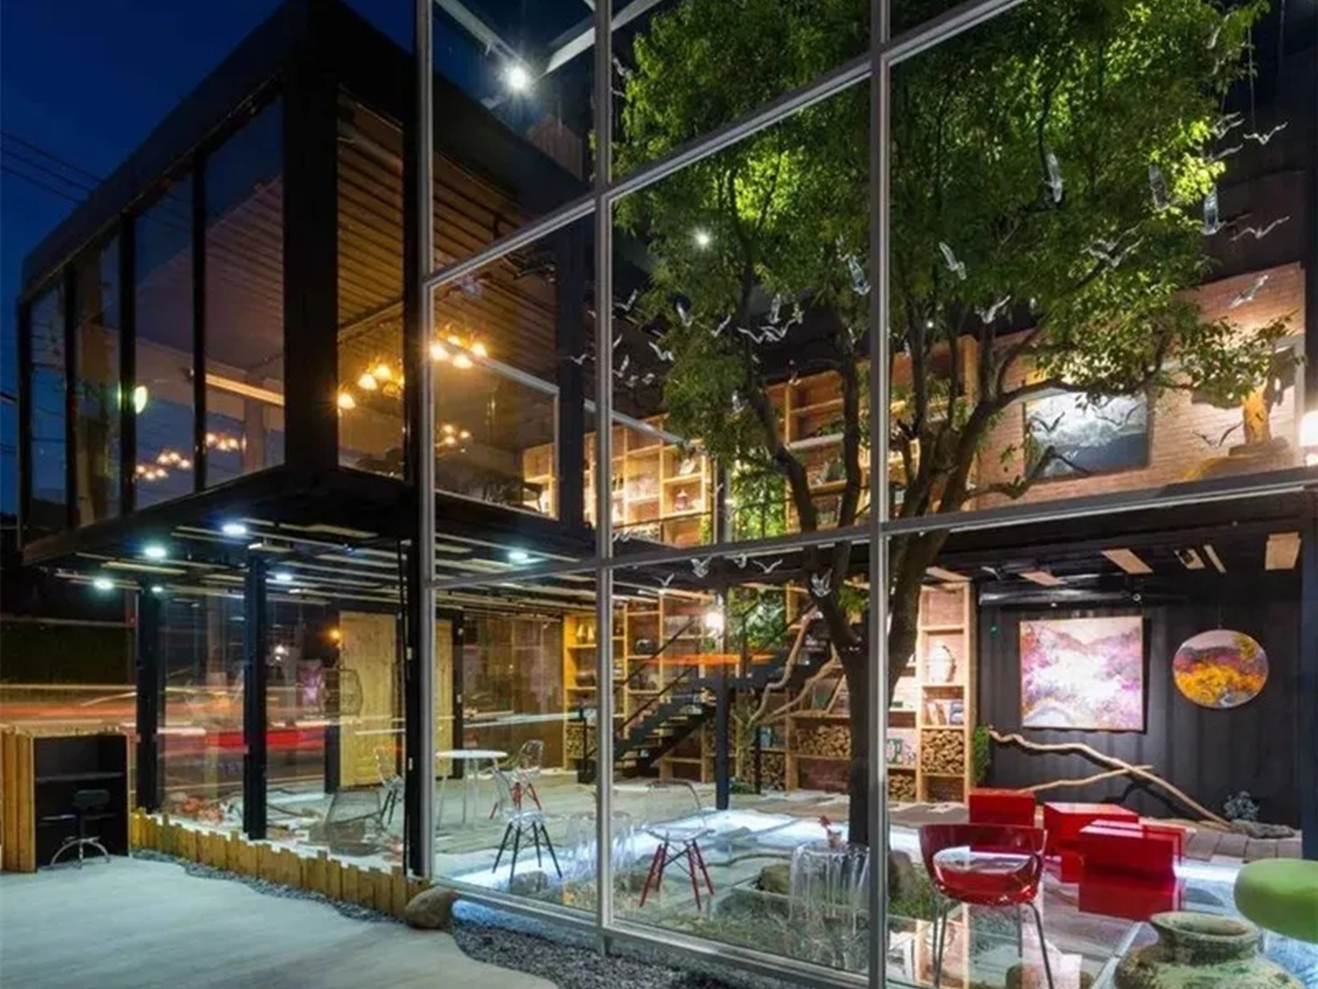 集装箱玻璃销售中心,诠释生态景观建筑的生命力!